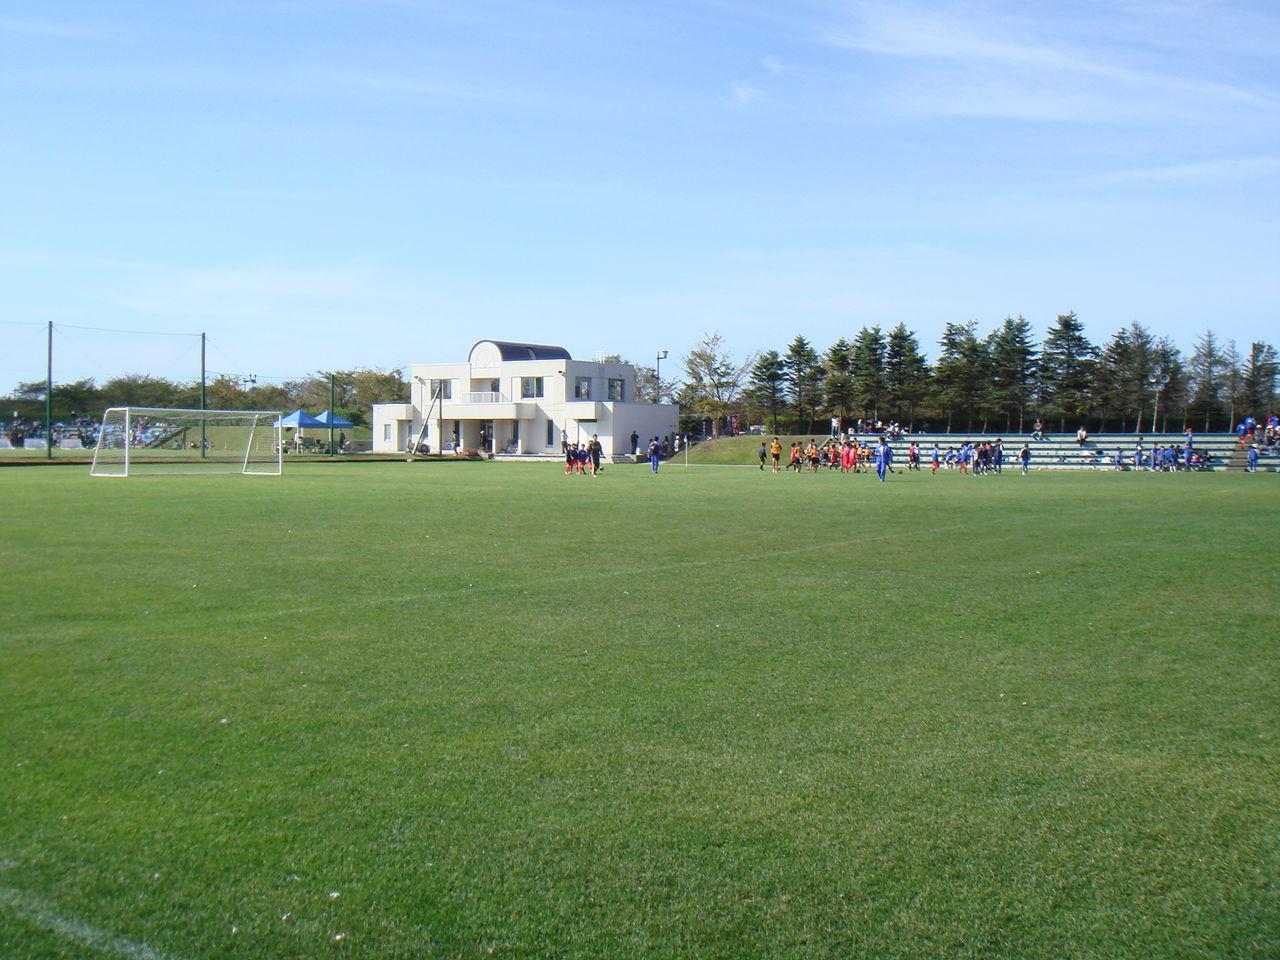 苫小牧市緑ヶ丘公園サッカー場   FOOTBALL JUNKY